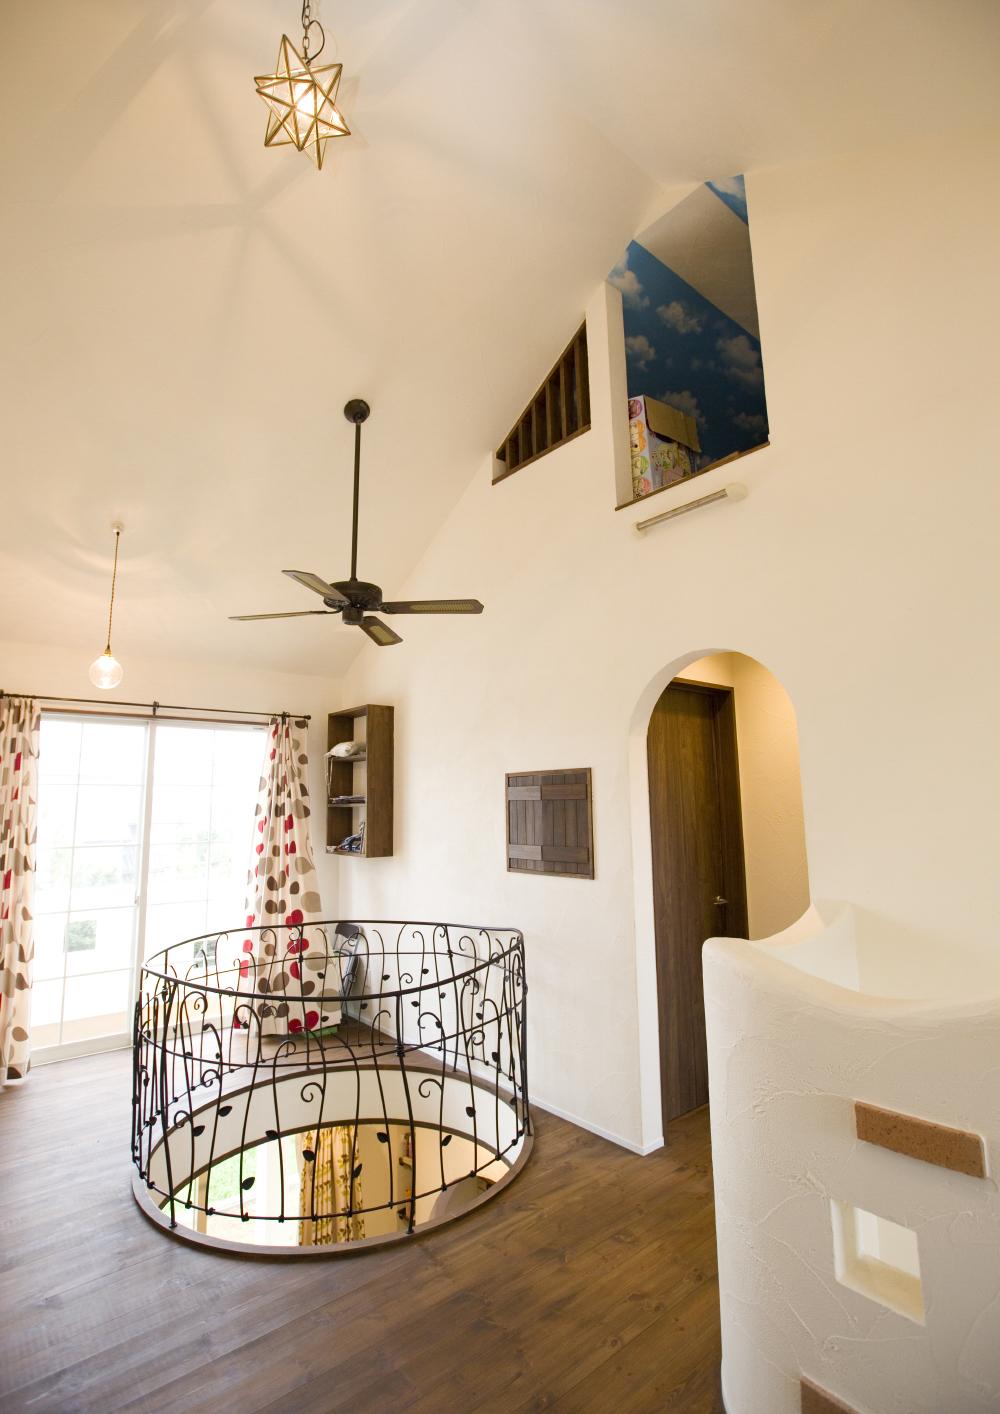 南欧風のかわいい家の内観、曲線づかいがかわいい家